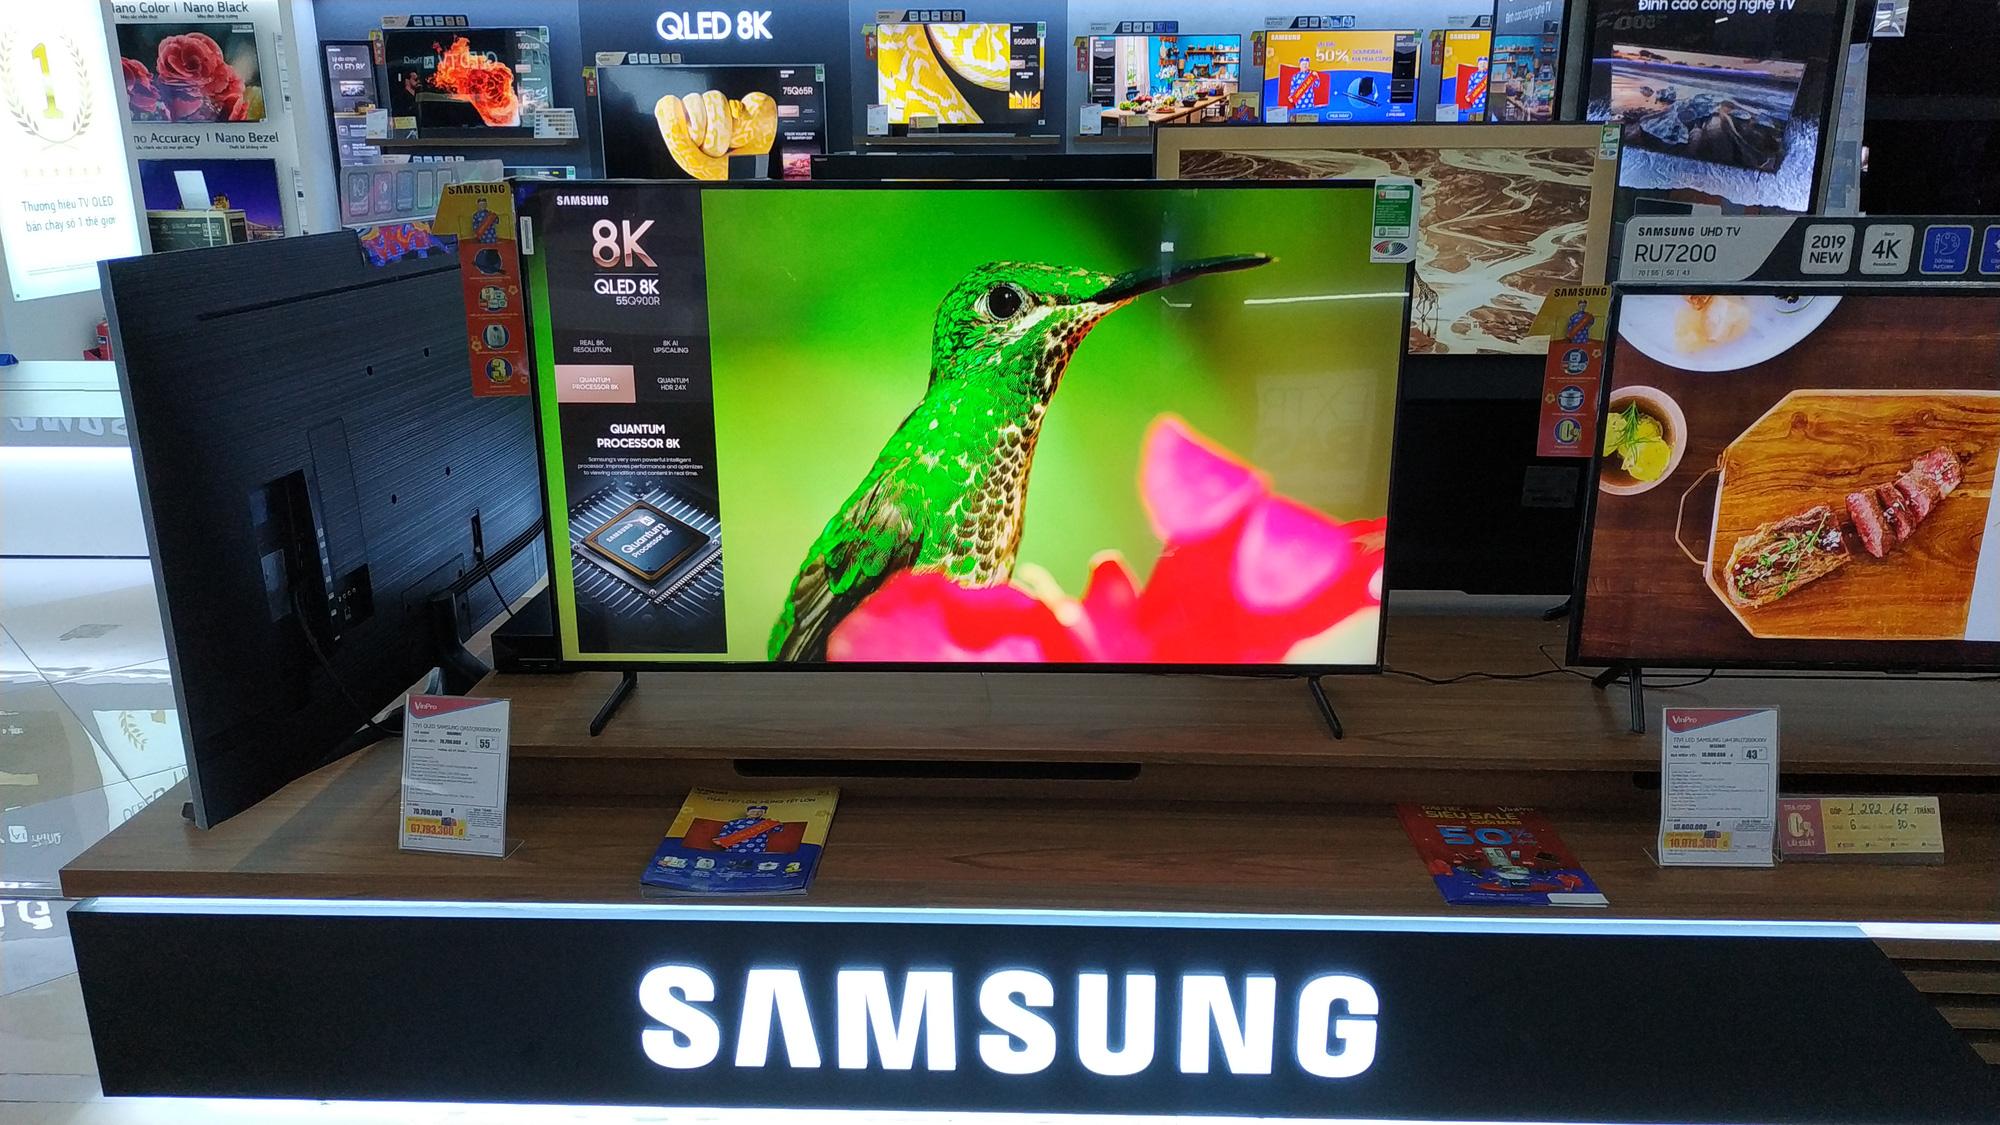 Samsung tại Việt Nam: Doanh thu mỗi năm 1,6 triệu tỉ đồng, bằng 26% GDP cả nước - Ảnh 1.